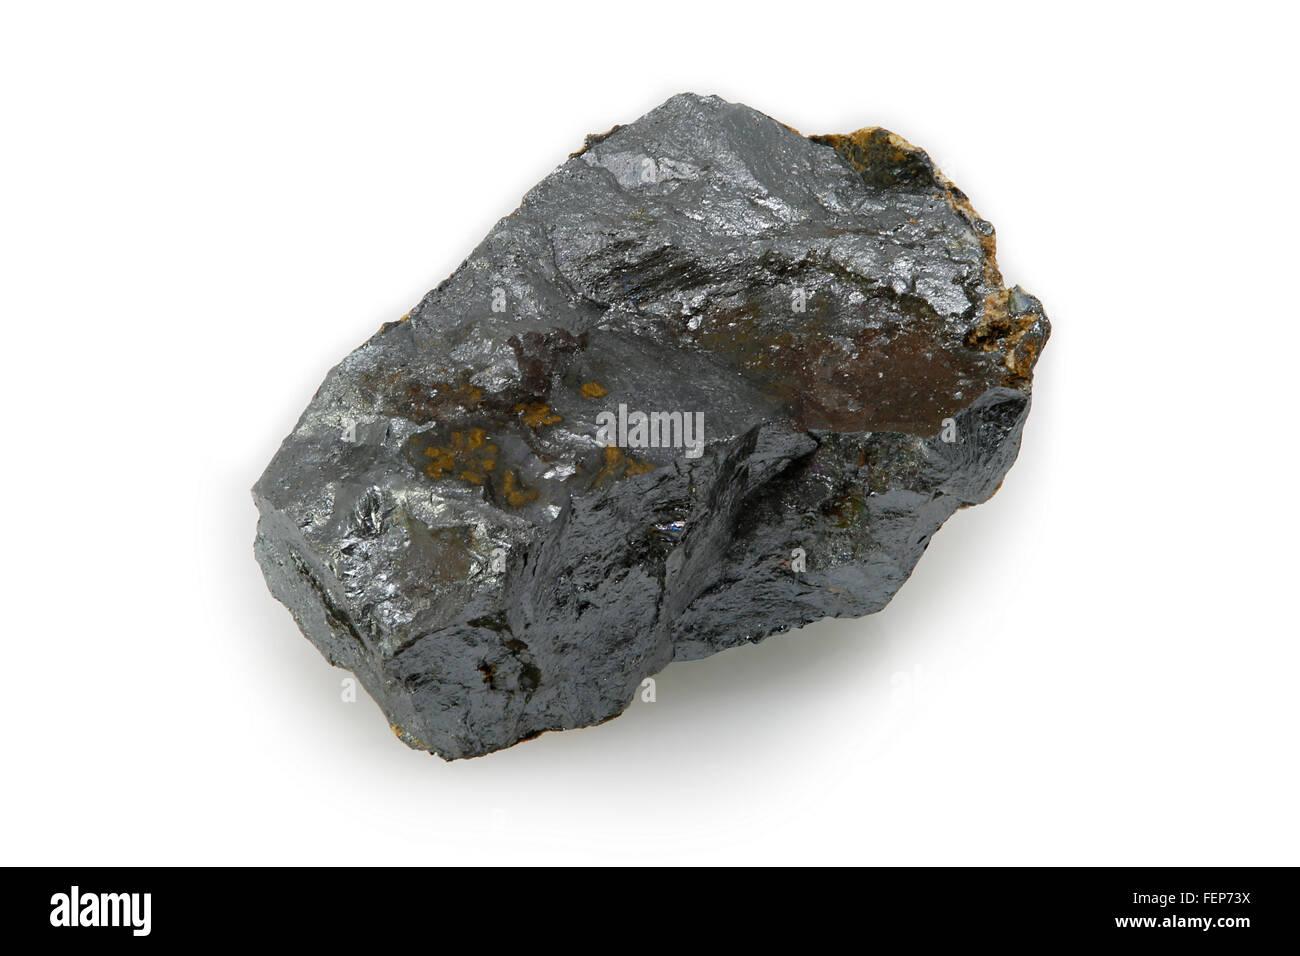 Ilmenite (titanium-iron oxide mineral) - Stock Image